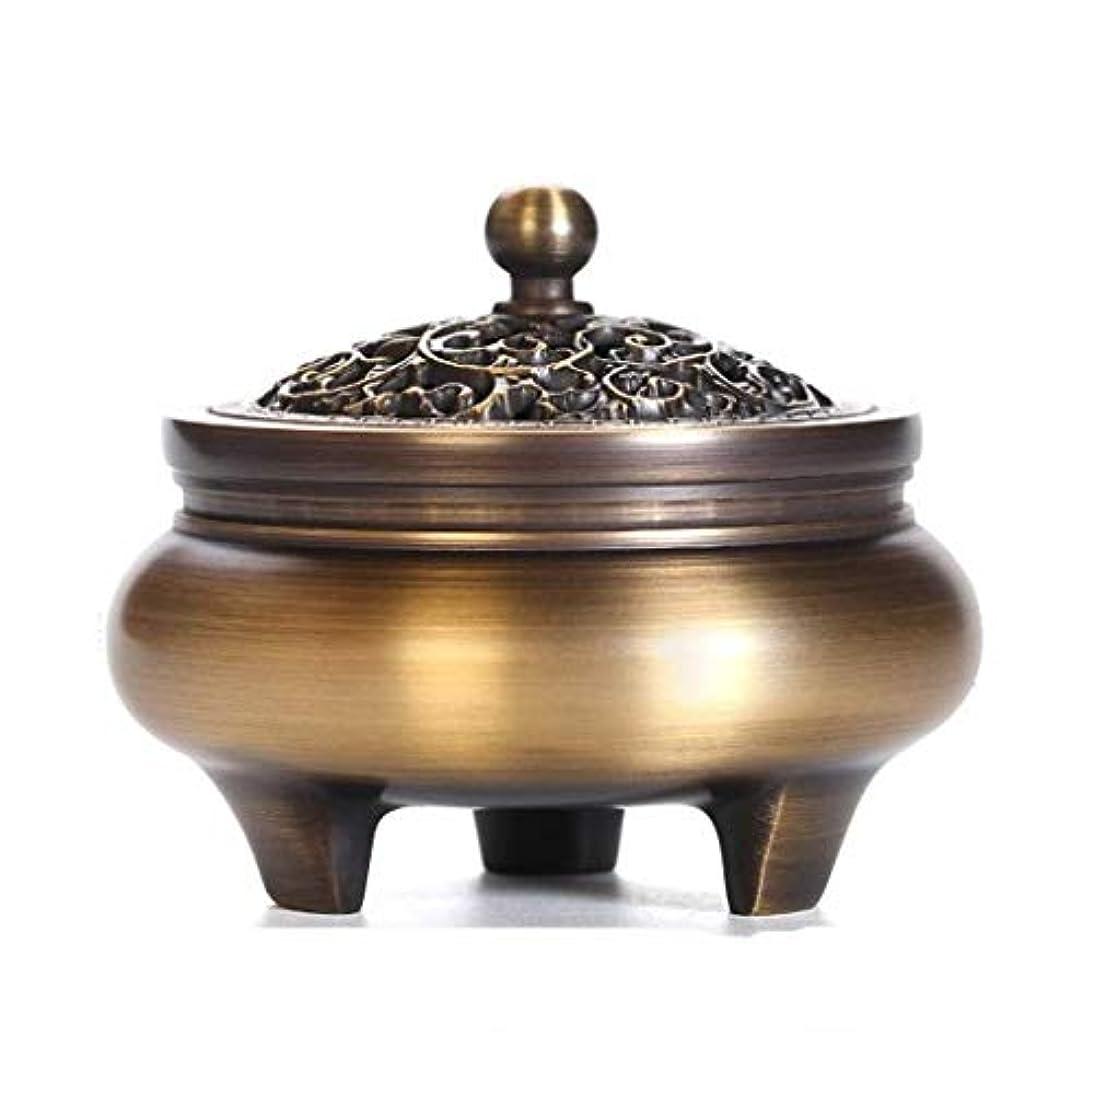 芳香器?アロマバーナー 純粋な銅三脚家庭用香炉プロセス香バーナーホーム屋内アロマセラピー炉の装飾 芳香器?アロマバーナー (Color : Brass)